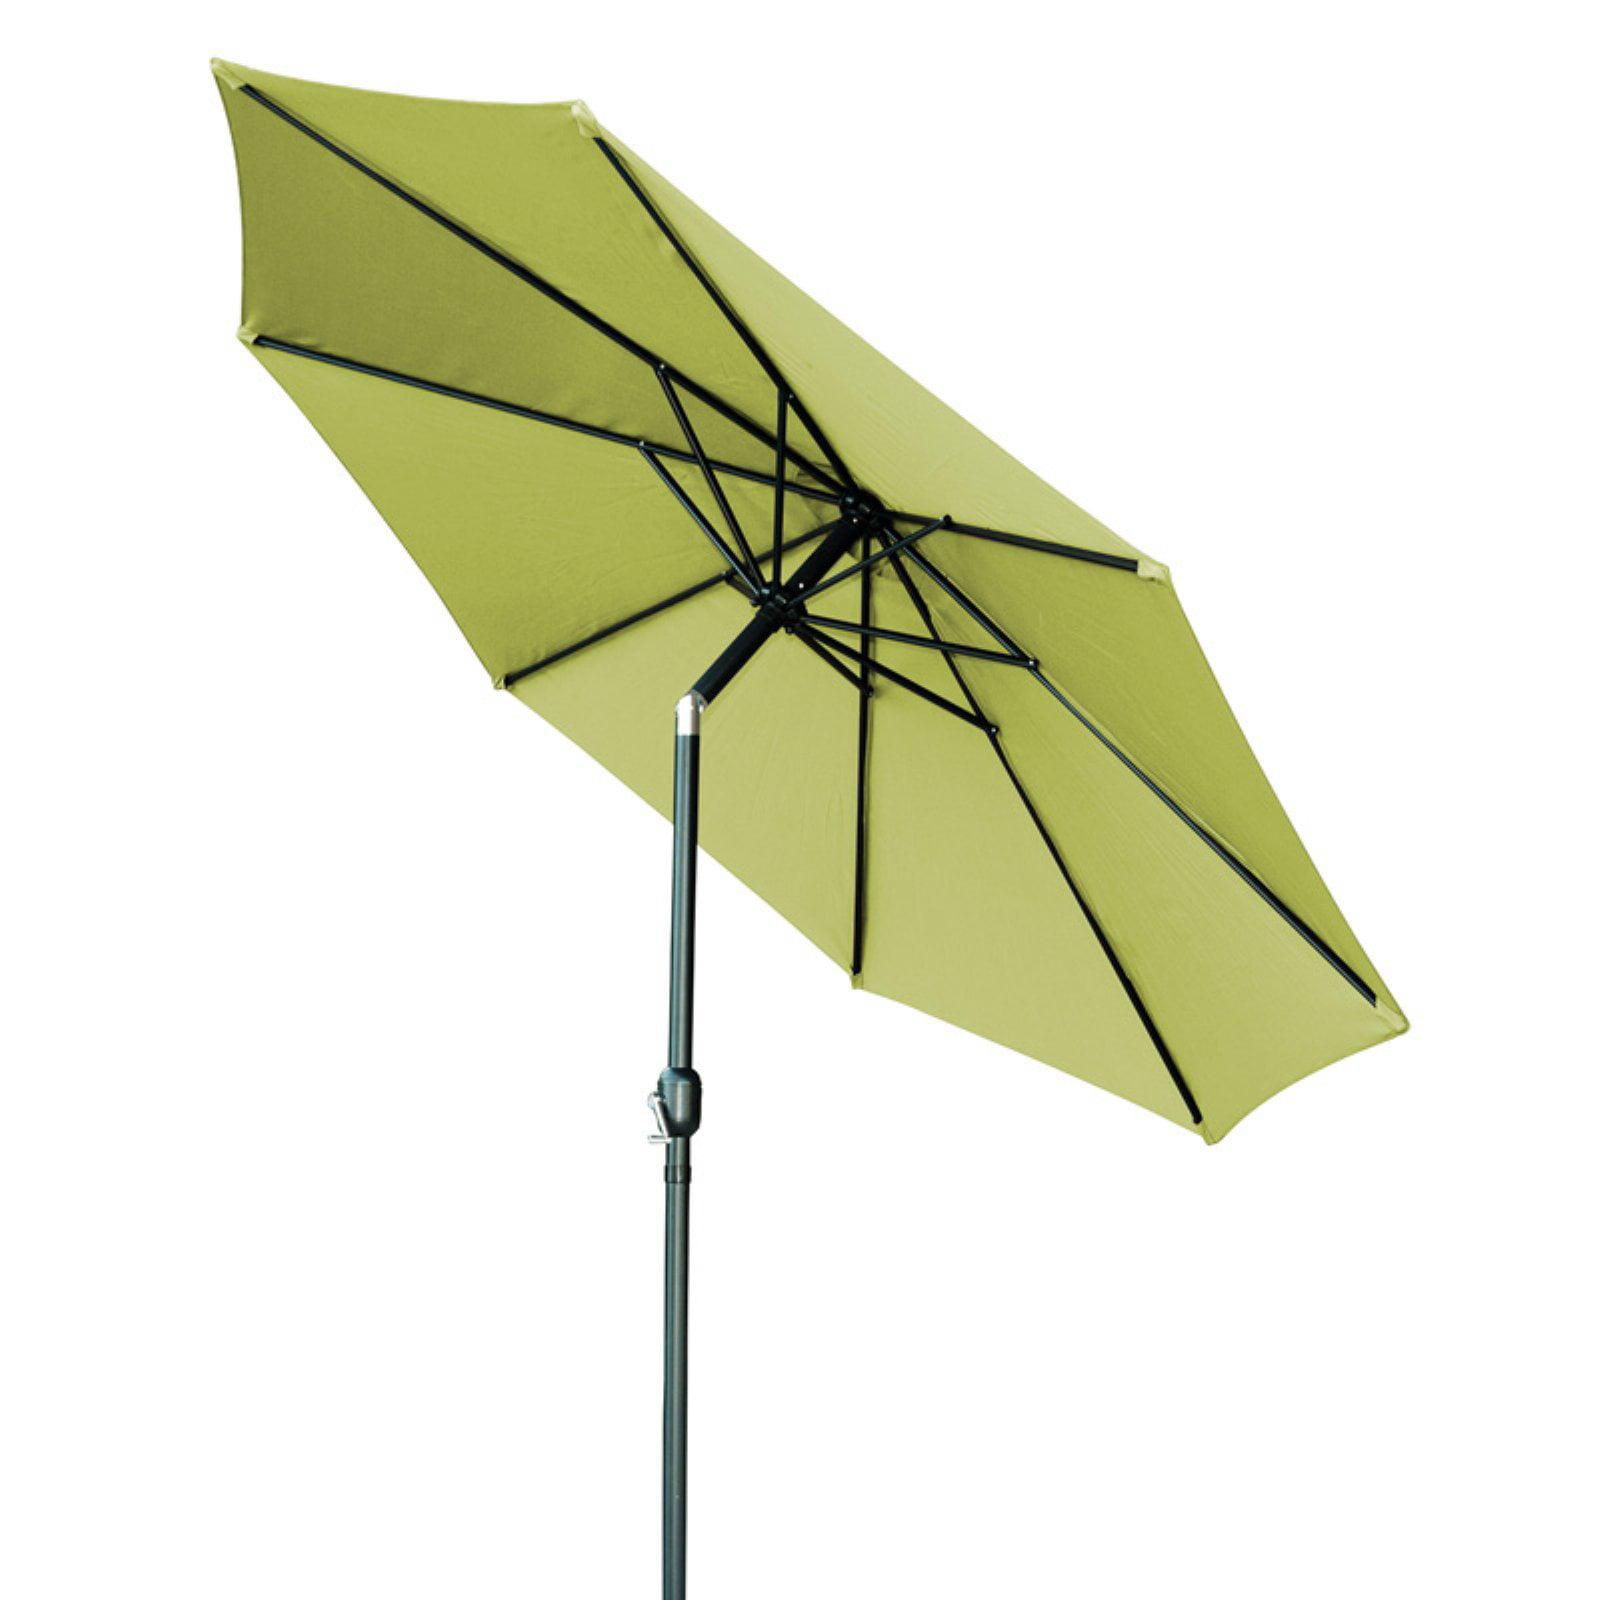 Tilt Crank Patio Umbrella, 7', by Trademark Innovations